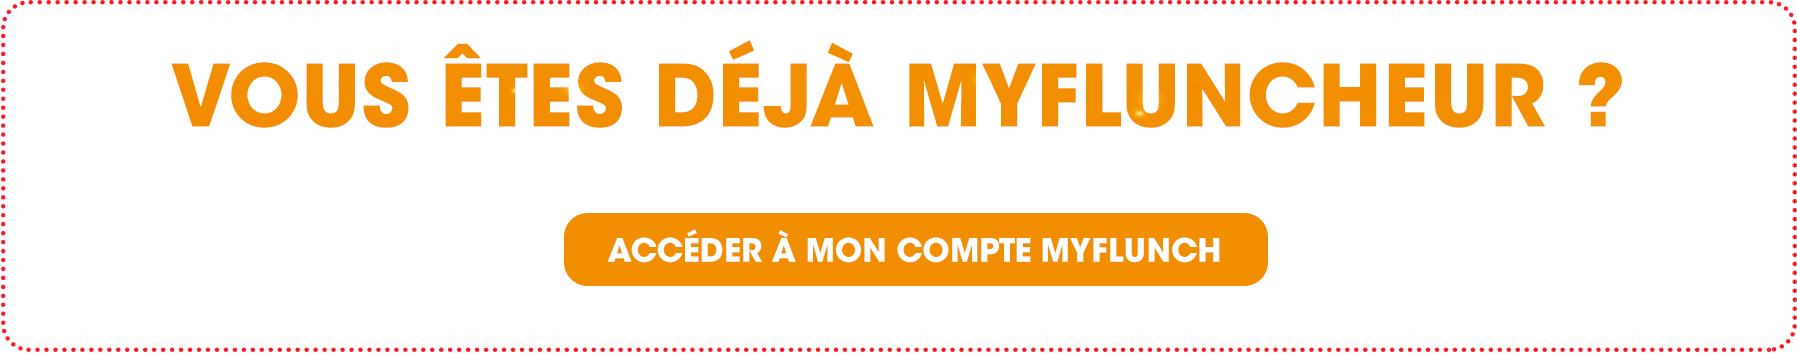 Programme de fidélité Myflunch